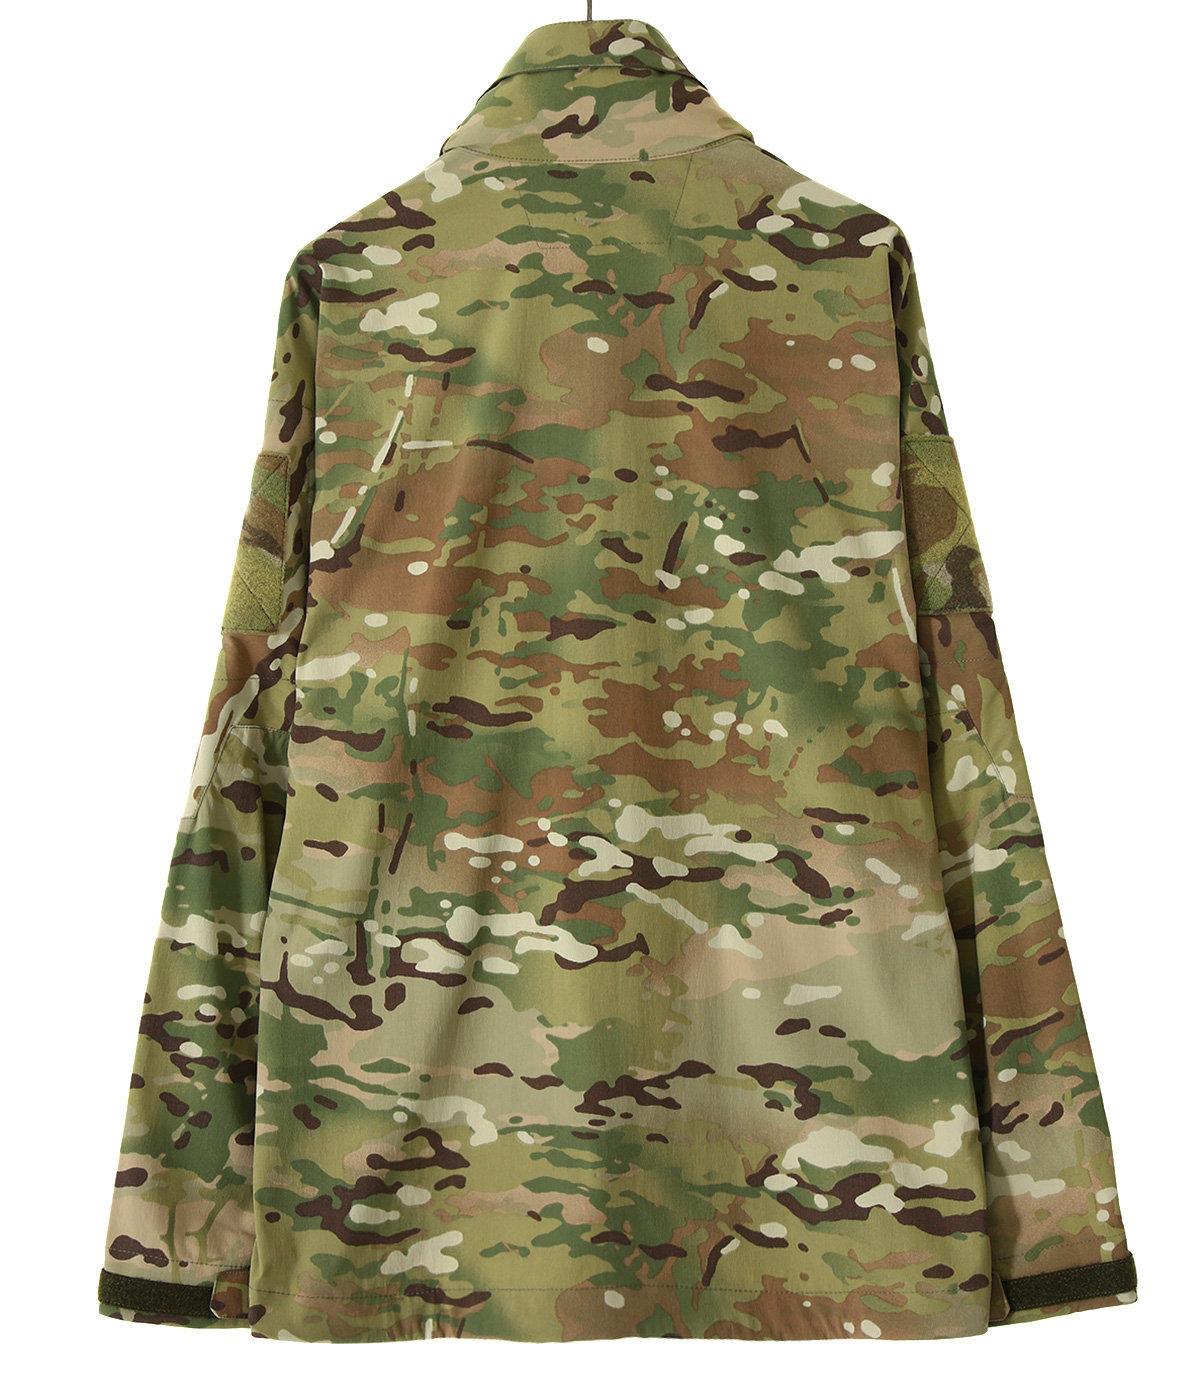 【予約】Noshaq MiG Jacket -MultiCam Limited-